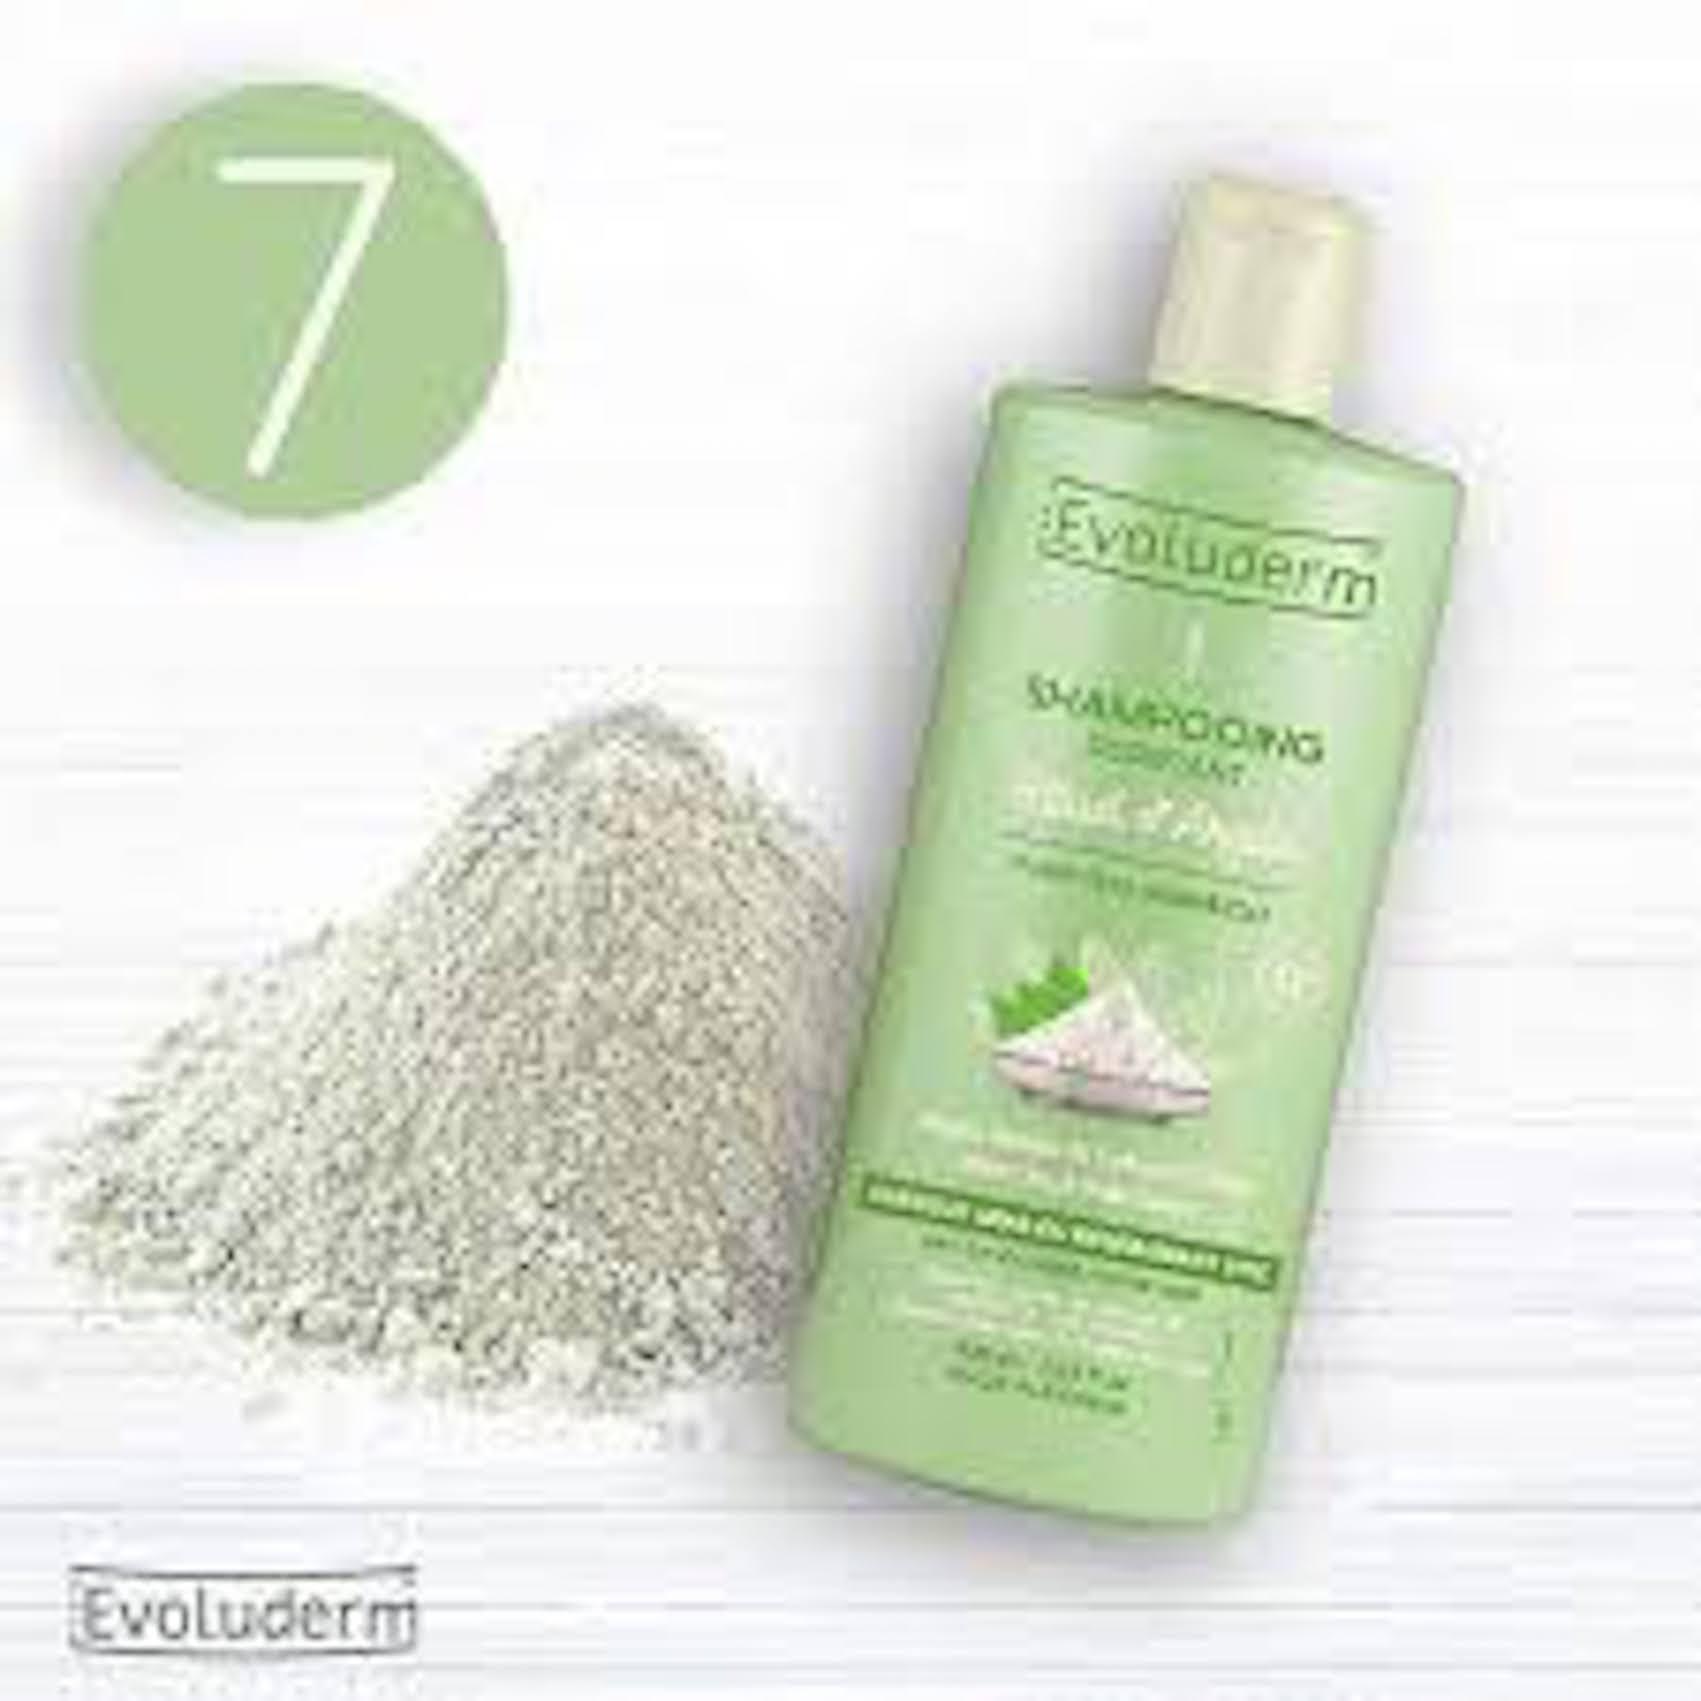 Dầu gội tinh chất đất sét dành cho tóc dầu Evoluderm 400ml - 17311